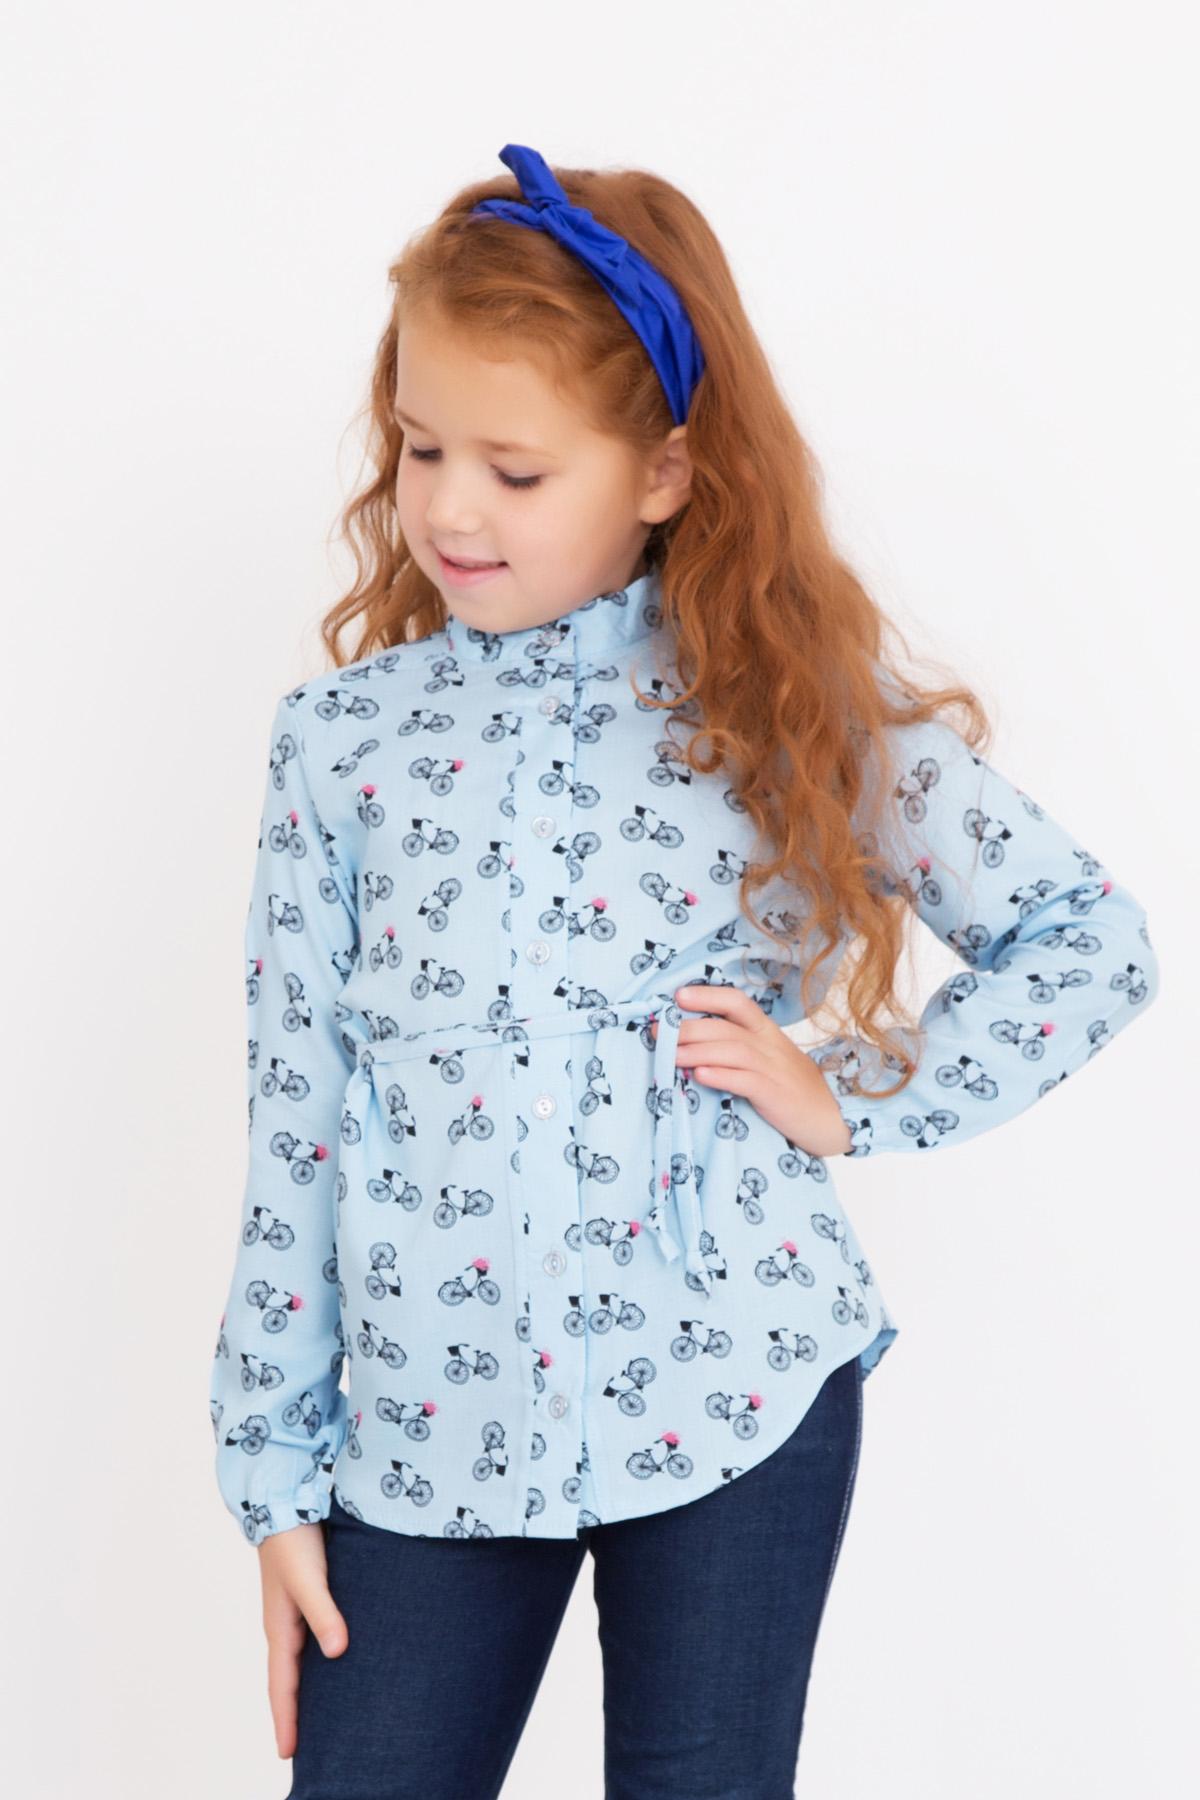 Дет. рубашка Василиса р. 30Толстовки, джемпера и рубашки<br><br><br>Тип: Дет. рубашка<br>Размер: 30<br>Материал: Штапель